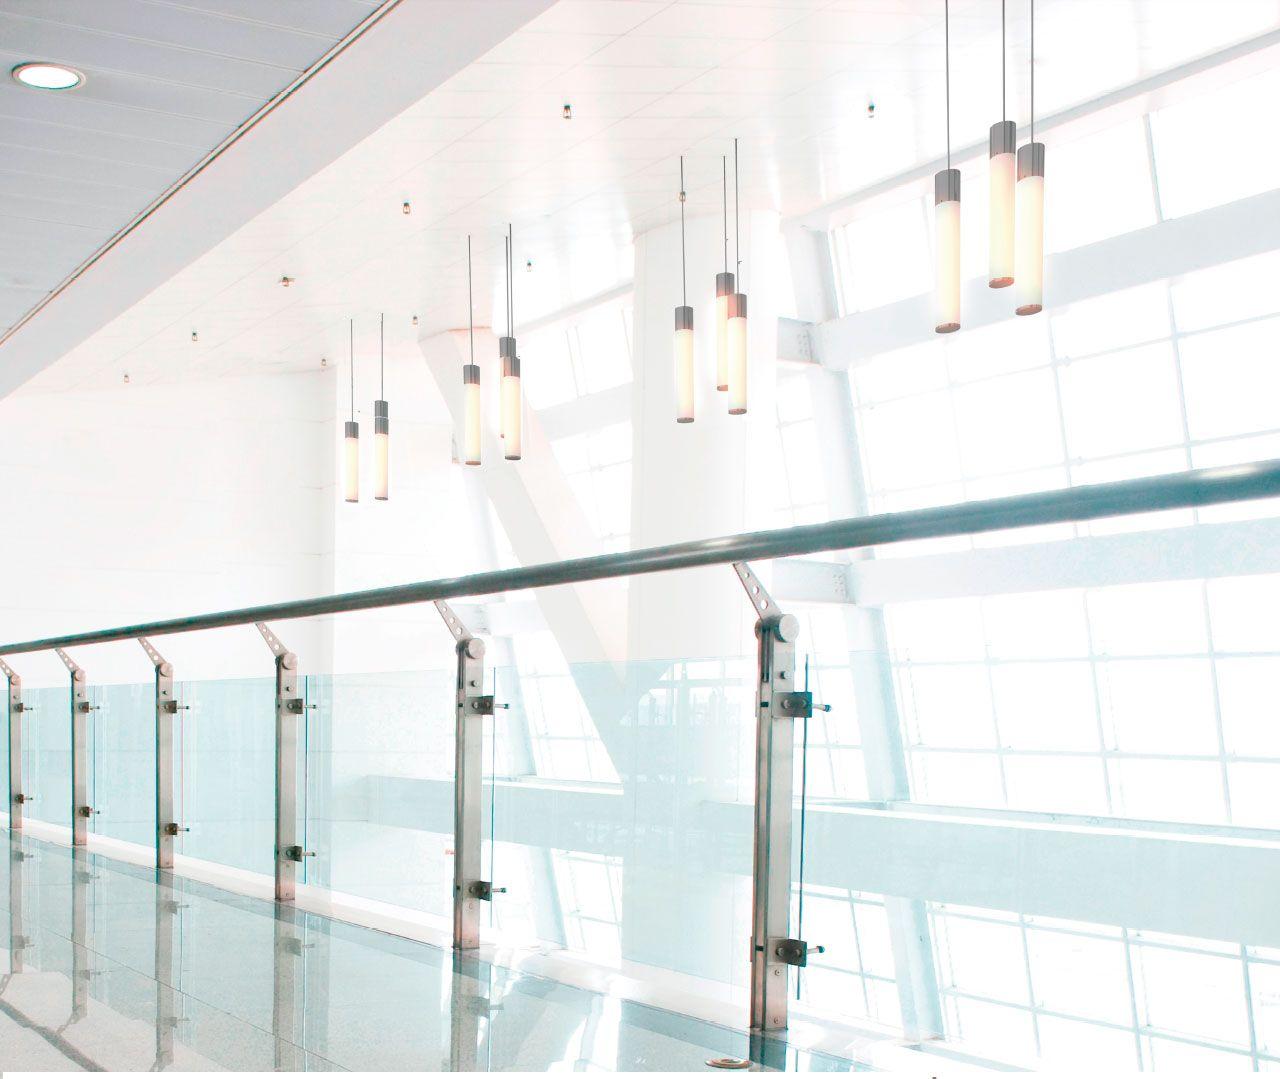 Diseño y decoración de espacios interiores con nuestras luminarias ...